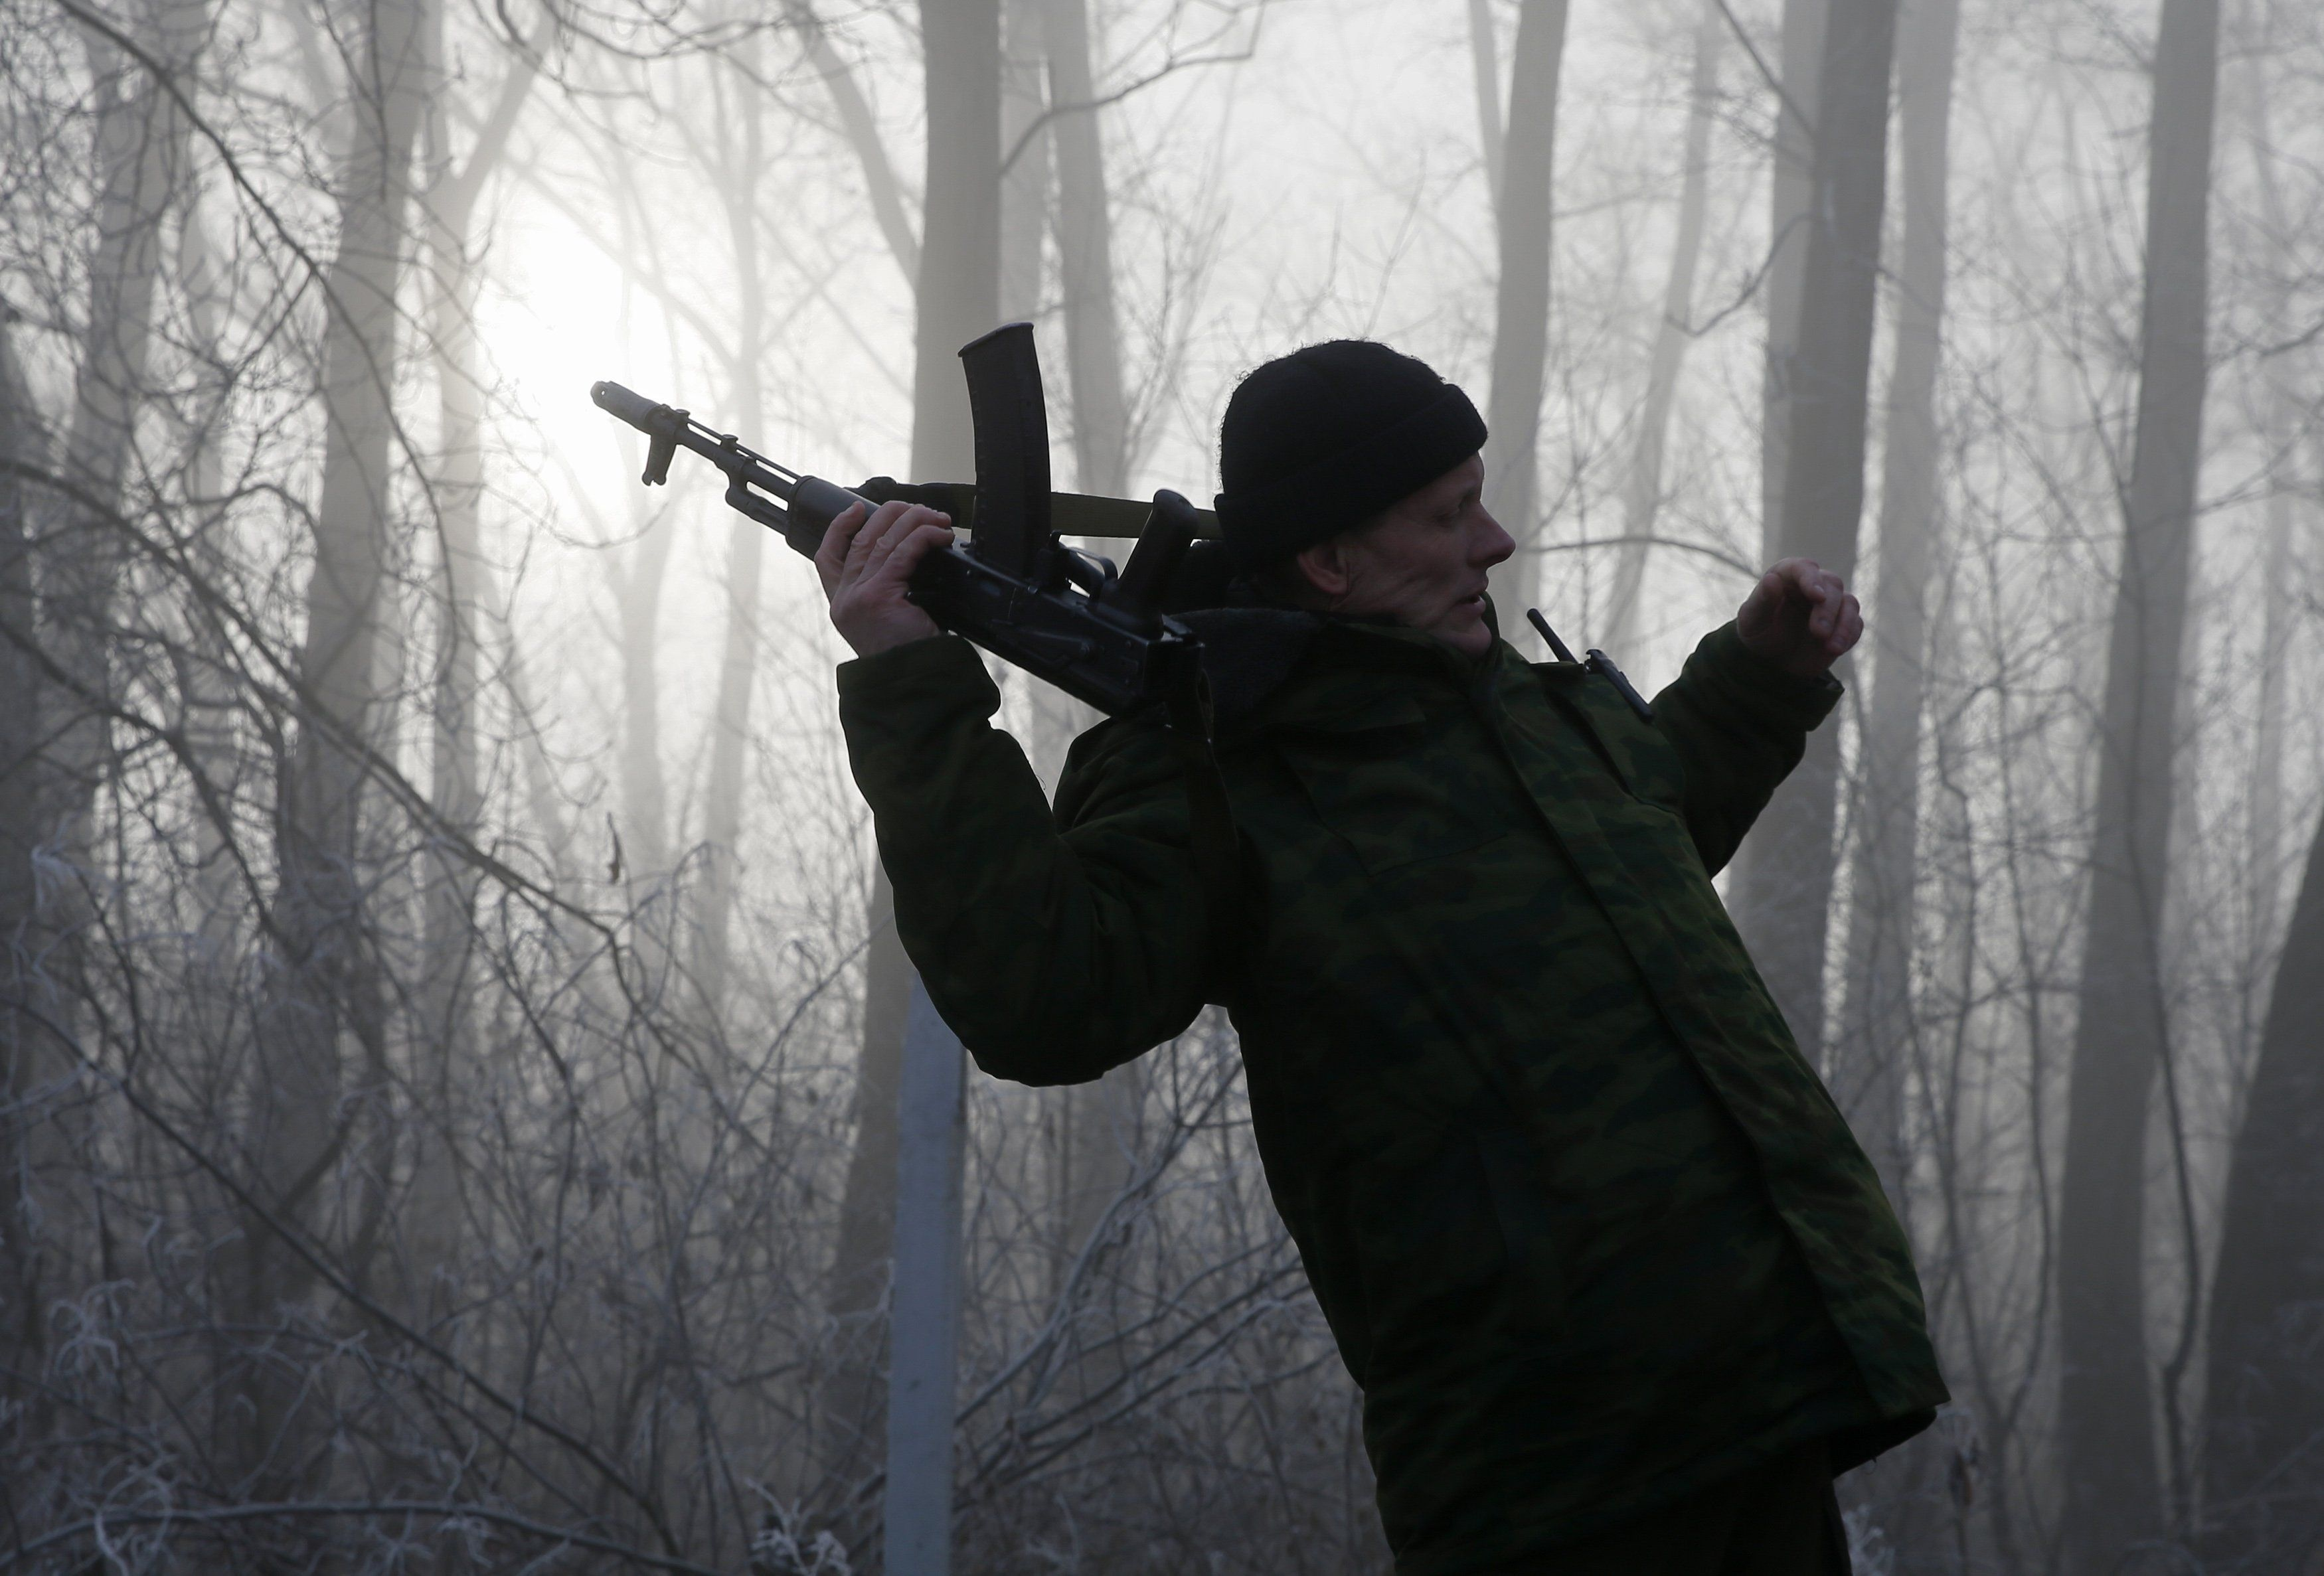 В ОБСЕ сообщили, что под Горловкой позиции украинских военных и боевиков существенно сблизились